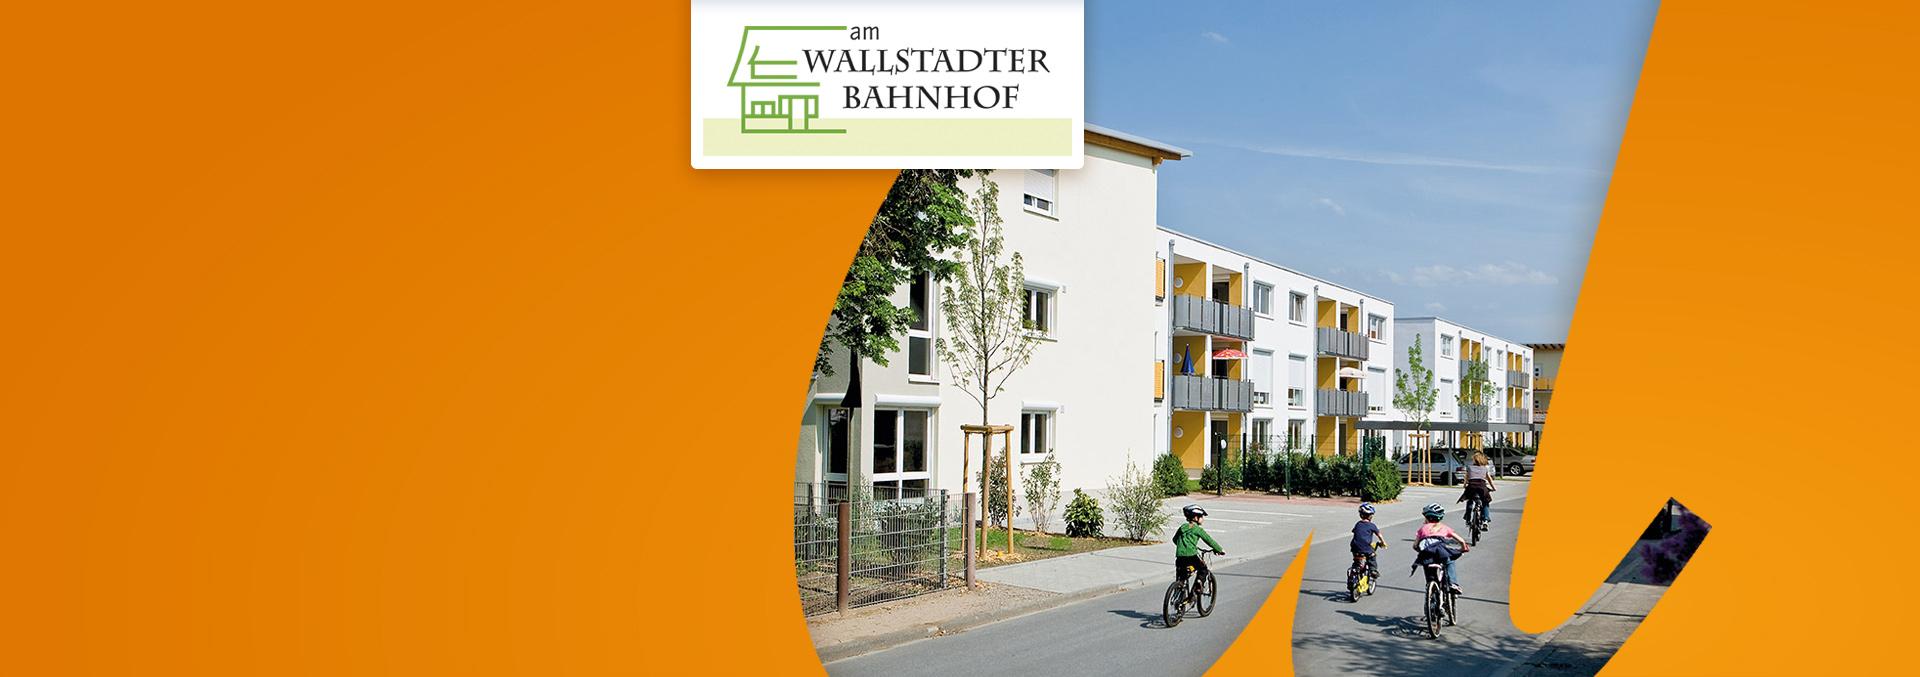 Pflegeeinrichtung Service-Wohnen AM WALLSTADTER BAHNHOF von außen, Kinder fahren auf Fahrrädern ihrer Mutter hinterher.